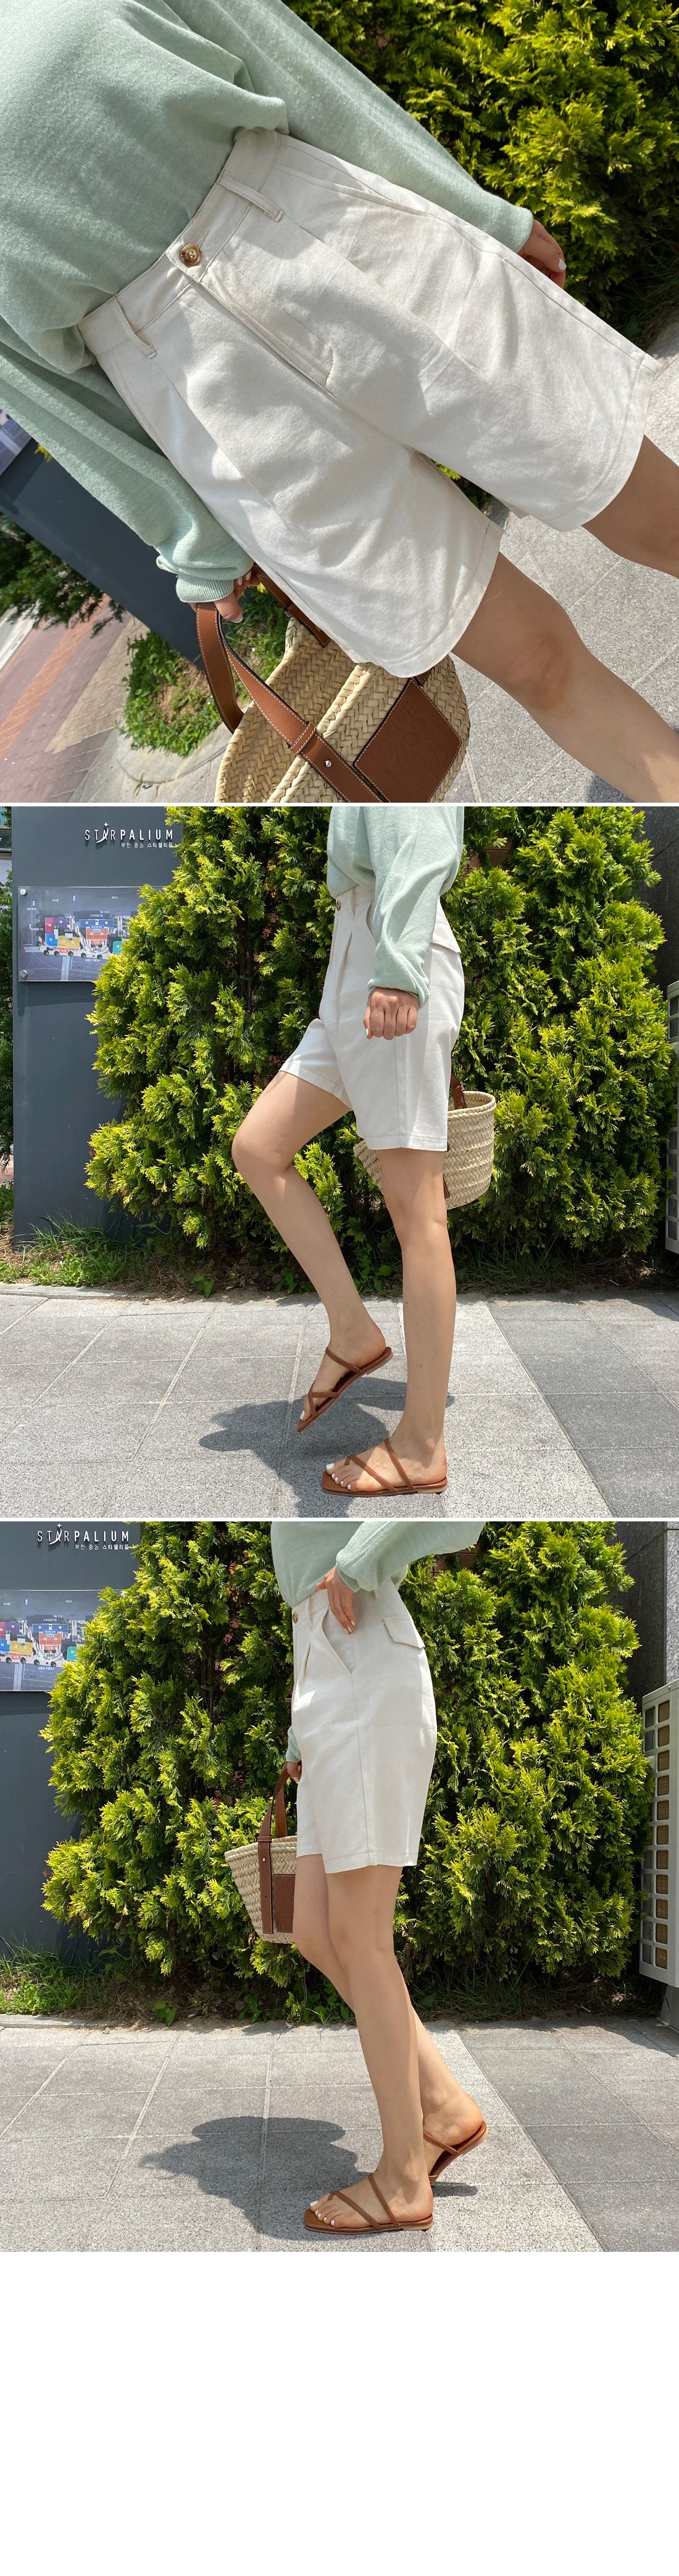 Summer Pintuck Cotton Part 4 Cotton Shorts